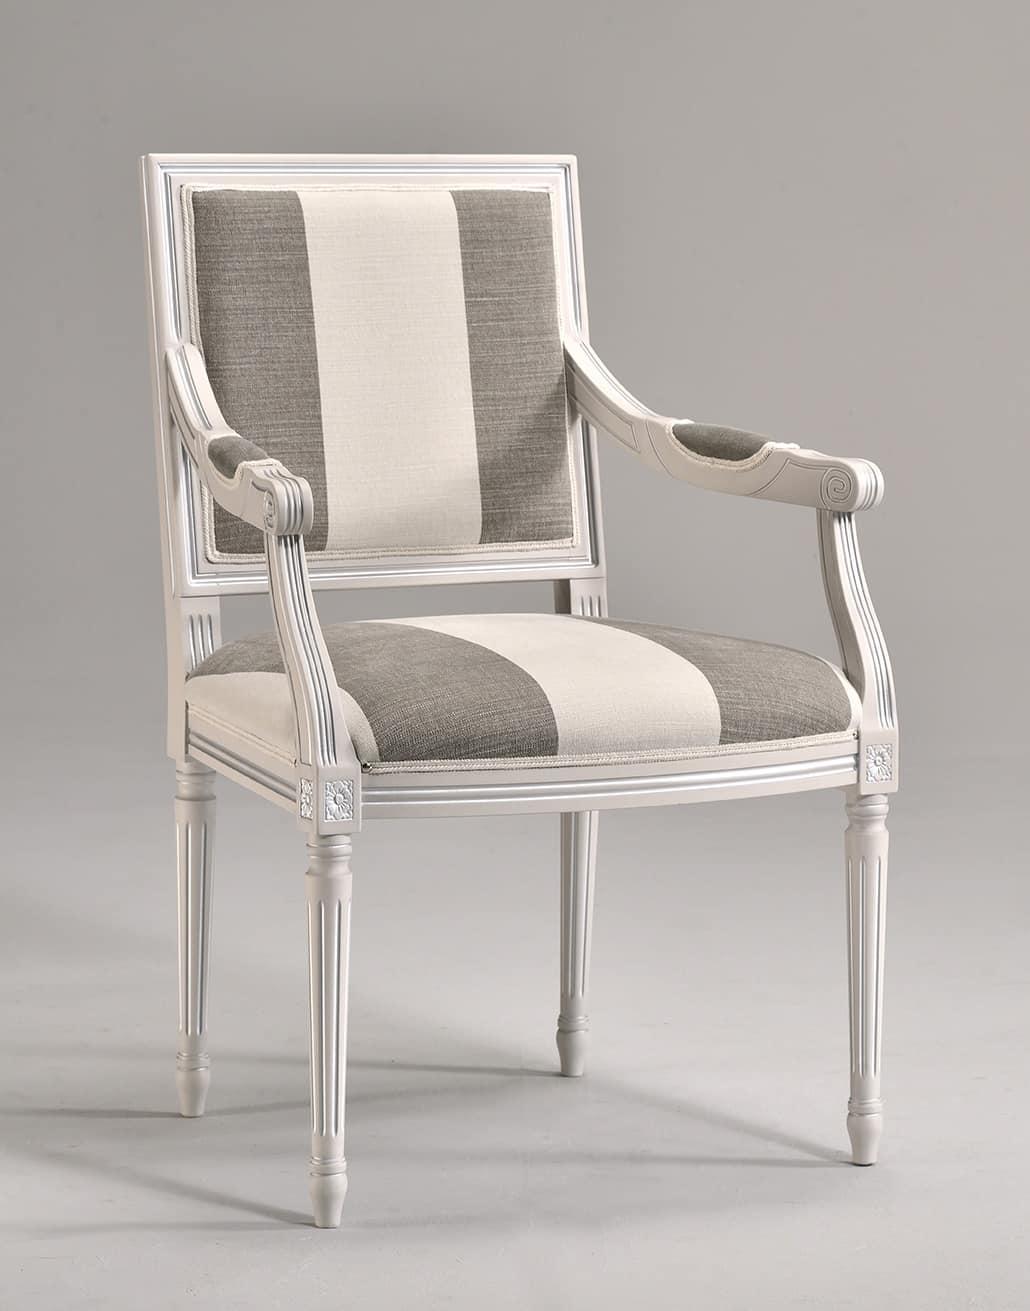 LUIGI XVI QUADRA armchair 8019A, Stuhl Kopf des Tisches, aus massiver Buche, für die Gaststätten